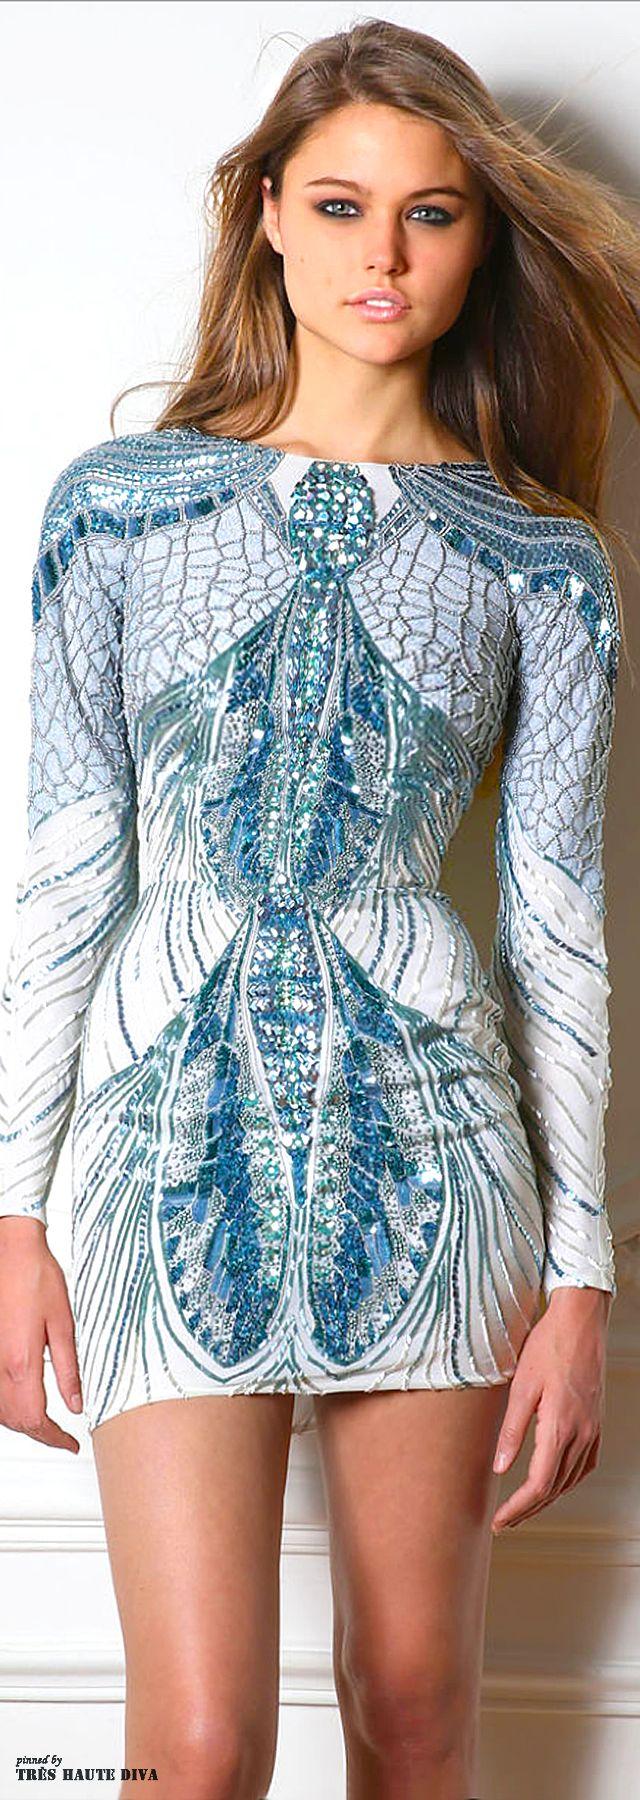 51 mejores imágenes de Haute Couture en Pinterest